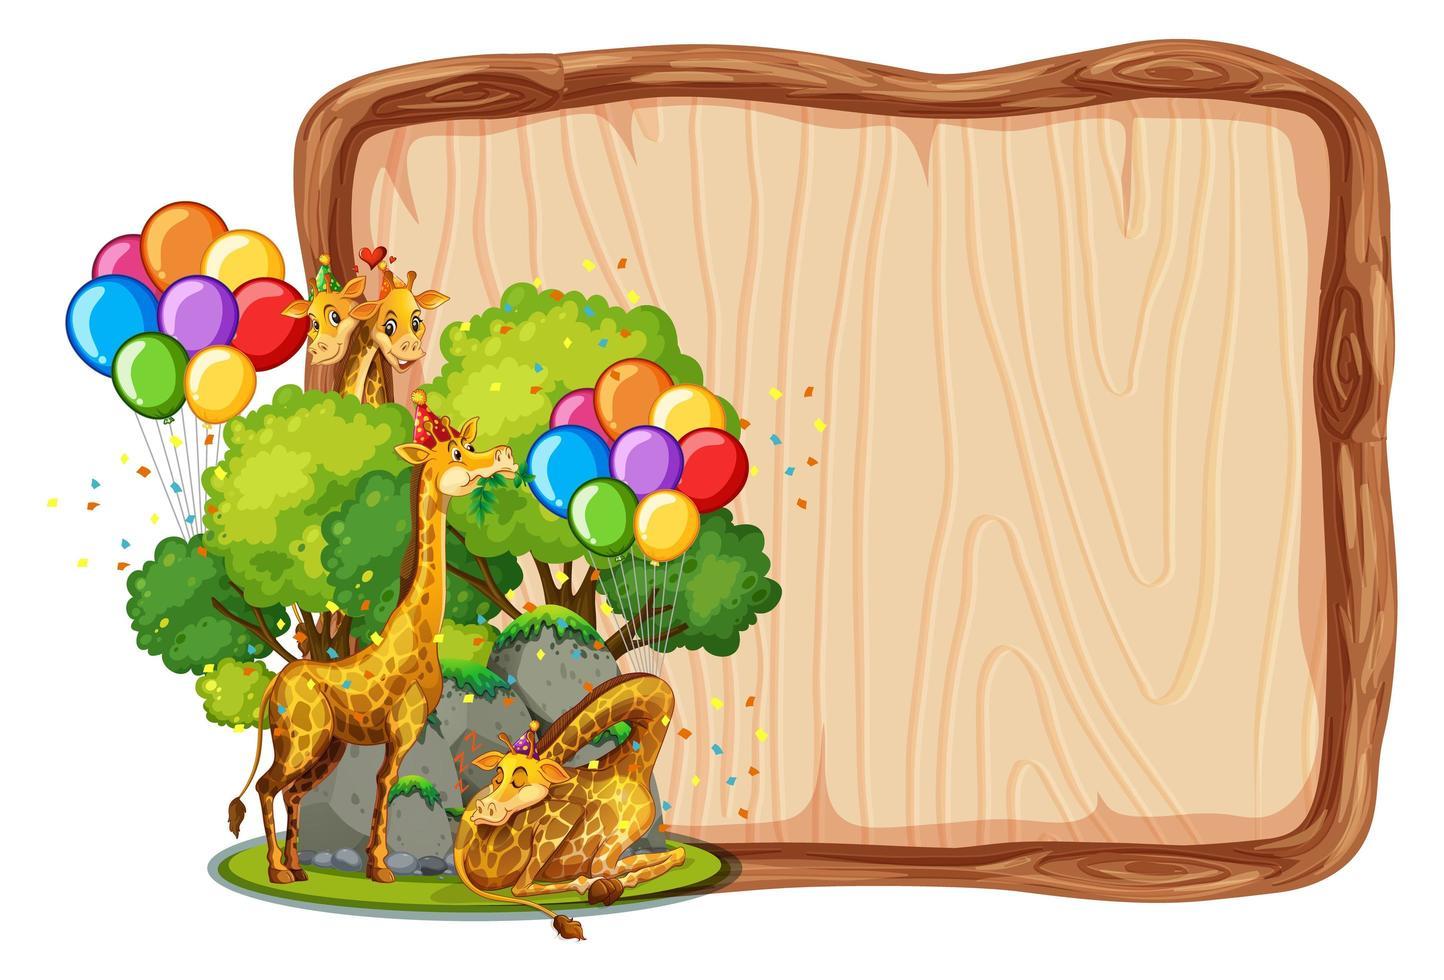 modèle de planche de bois vierge avec des girafes dans le thème de la fête isolé vecteur